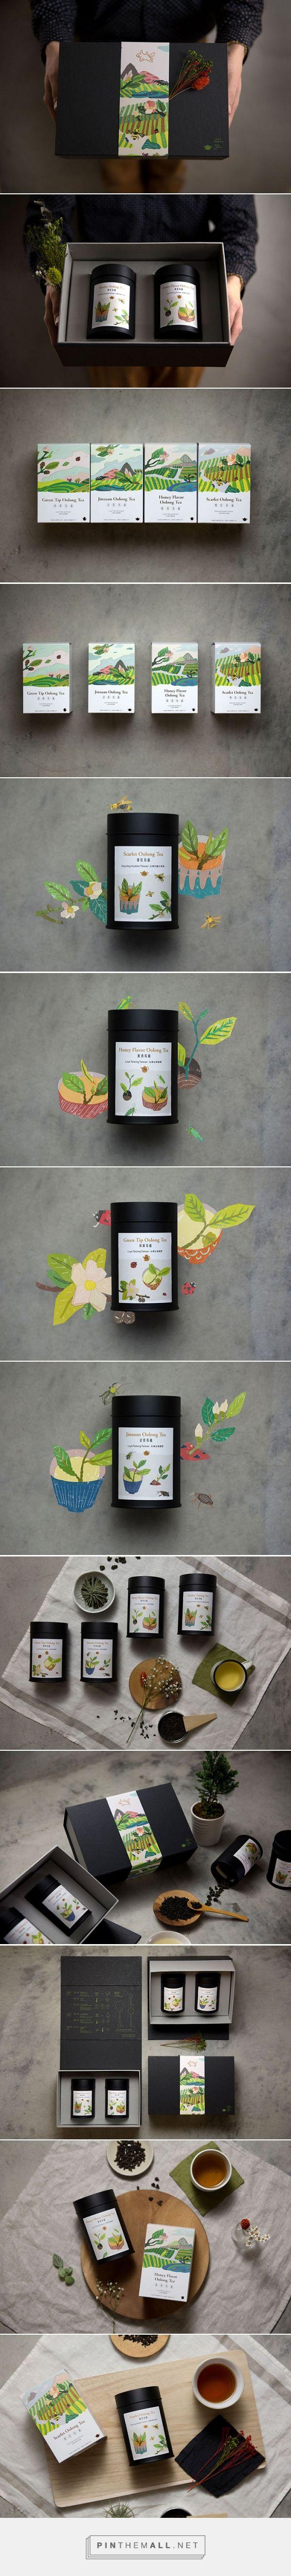 FongCha / Tea by Nio Ni